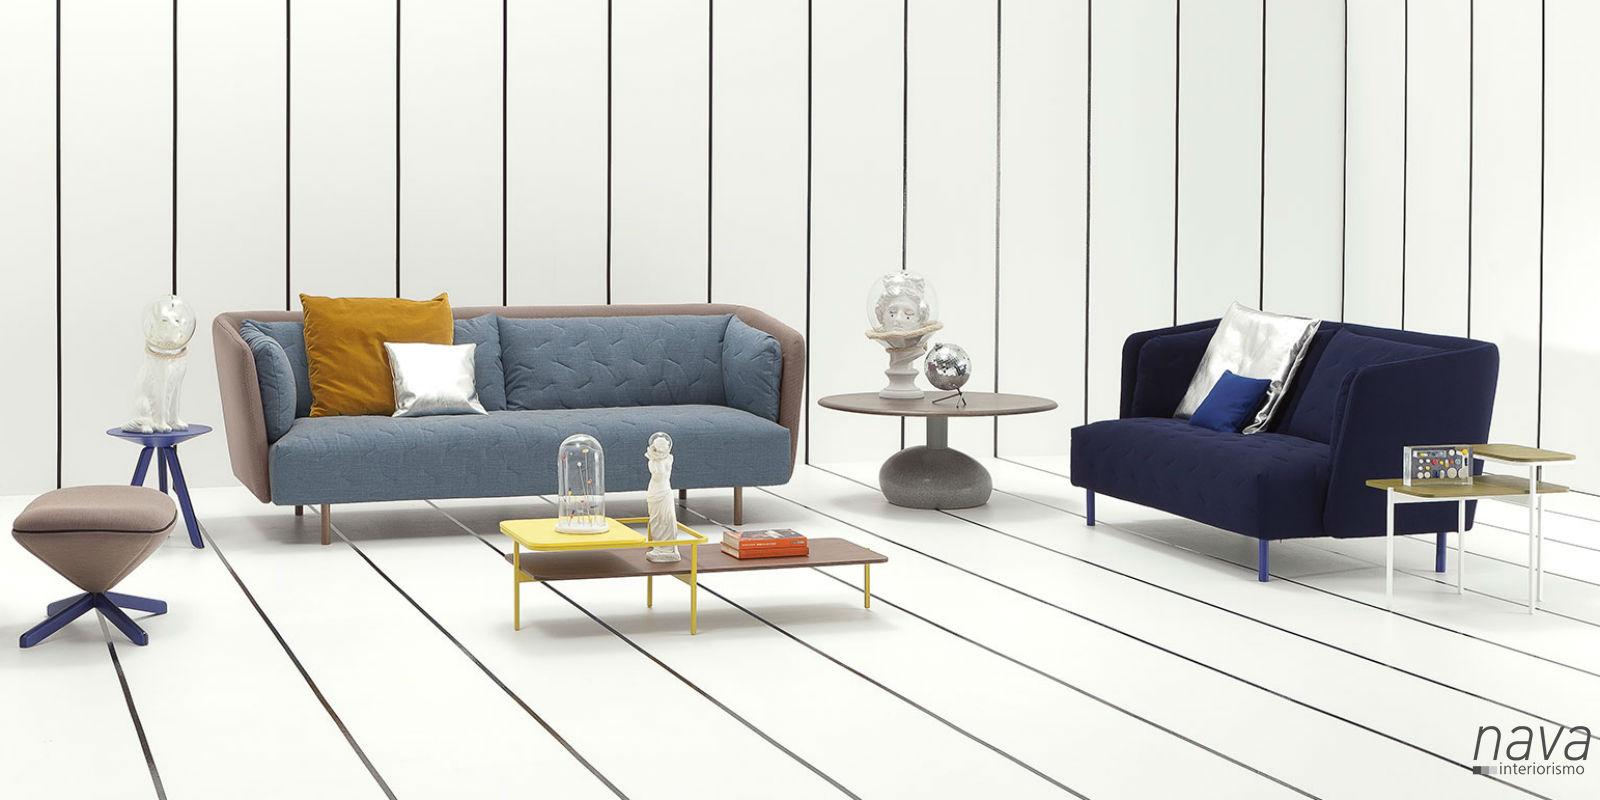 sofa-capitoné